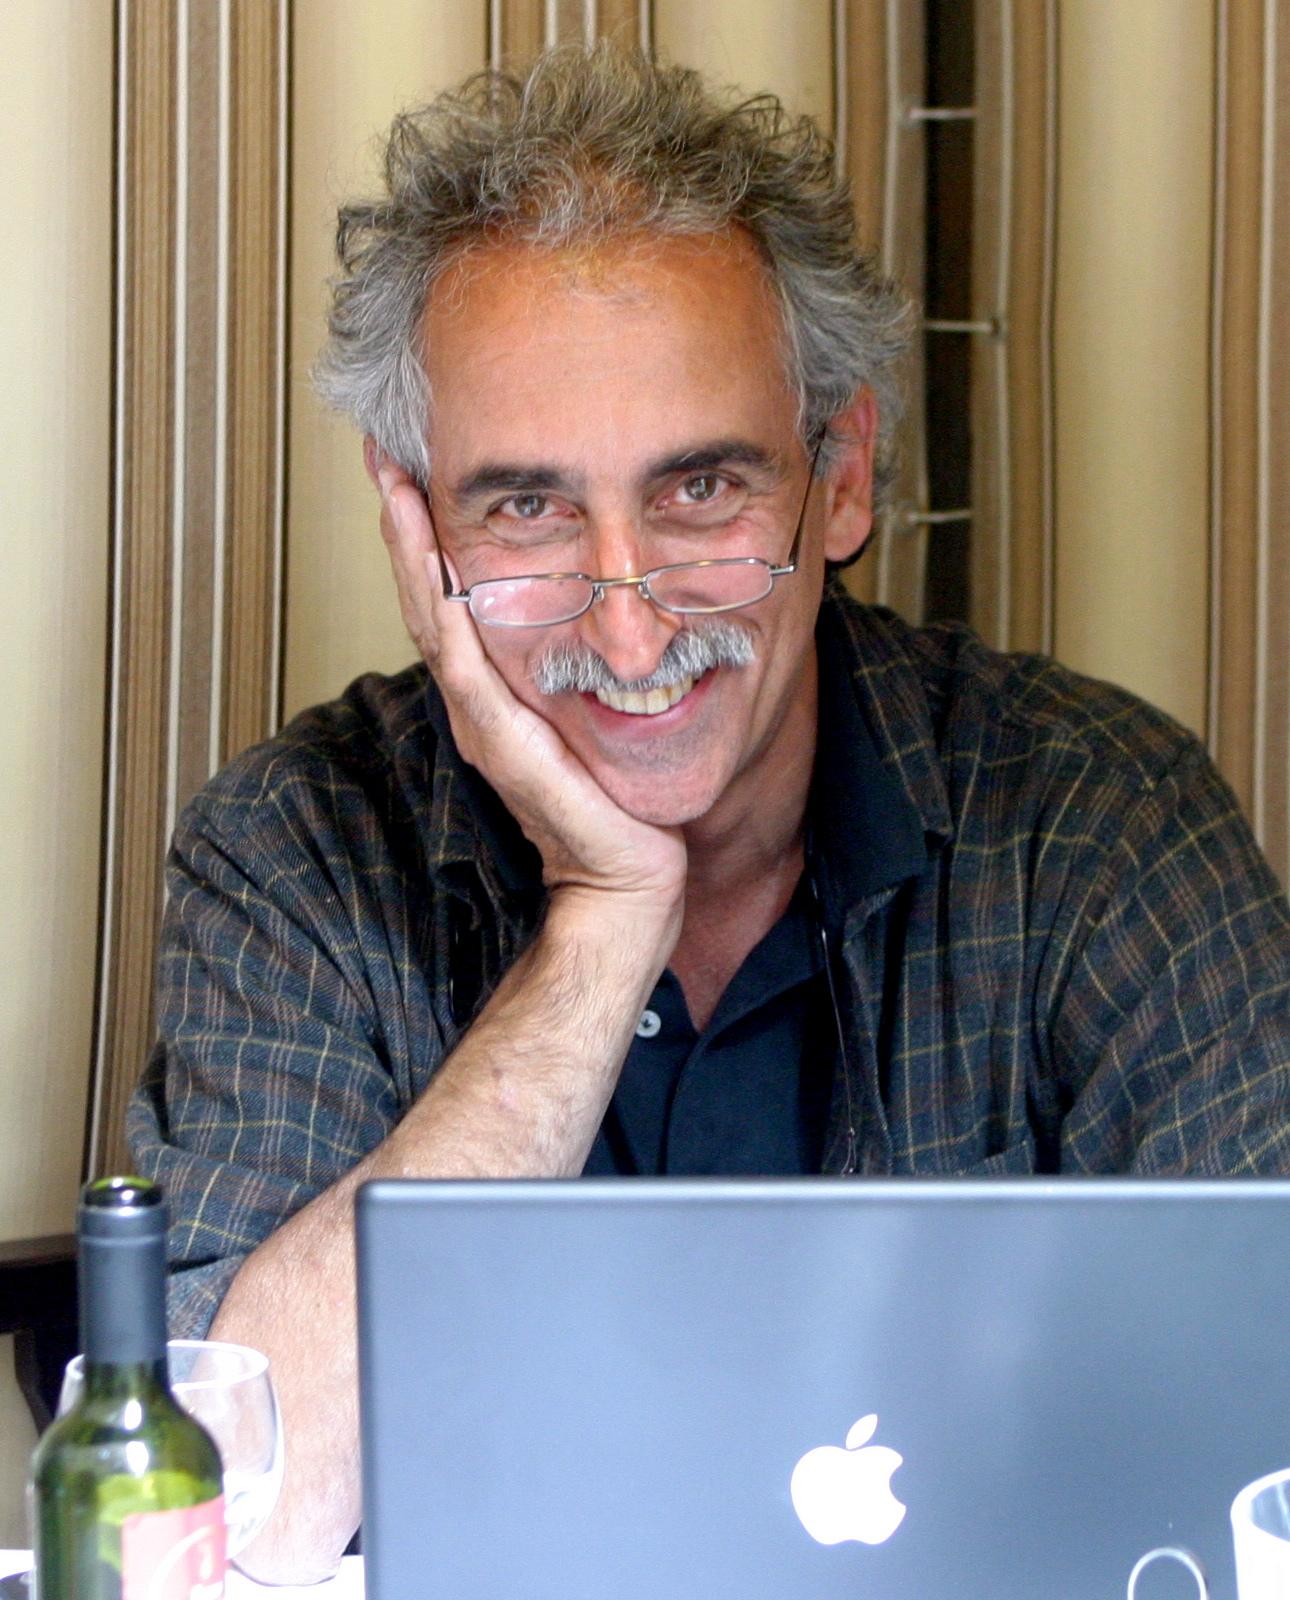 Image of Matthew Naythons from Wikidata